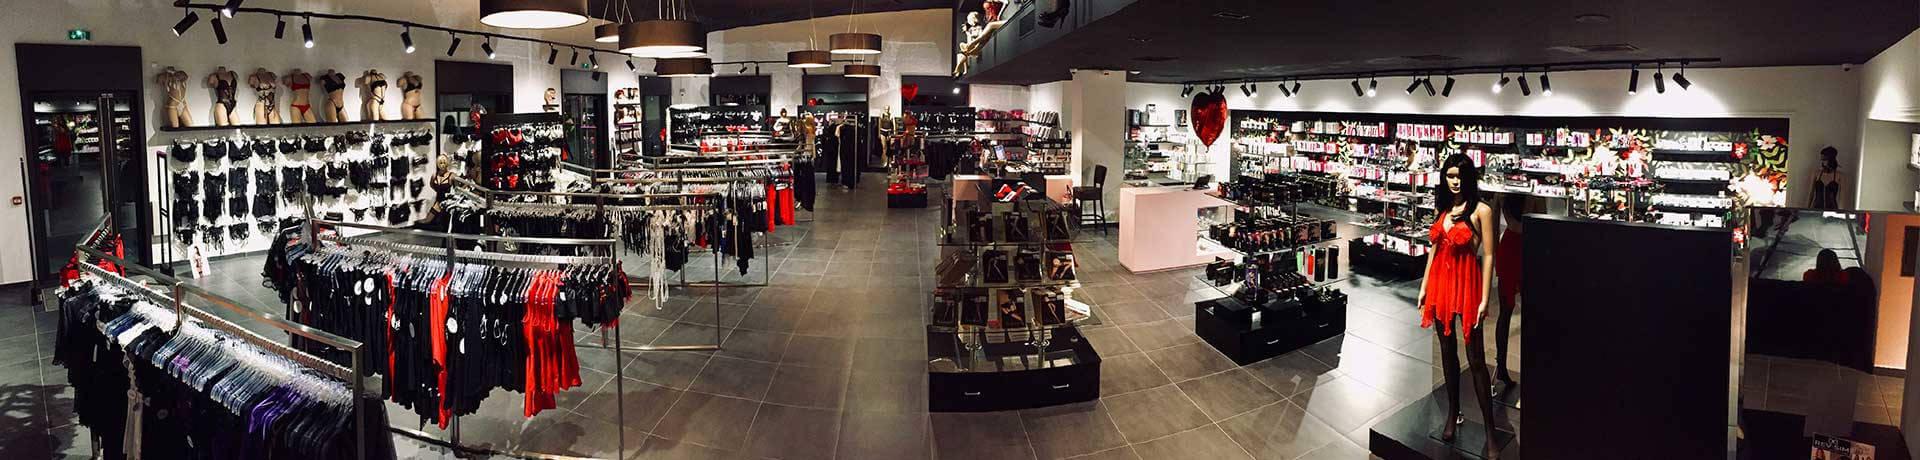 Boutique - panorama